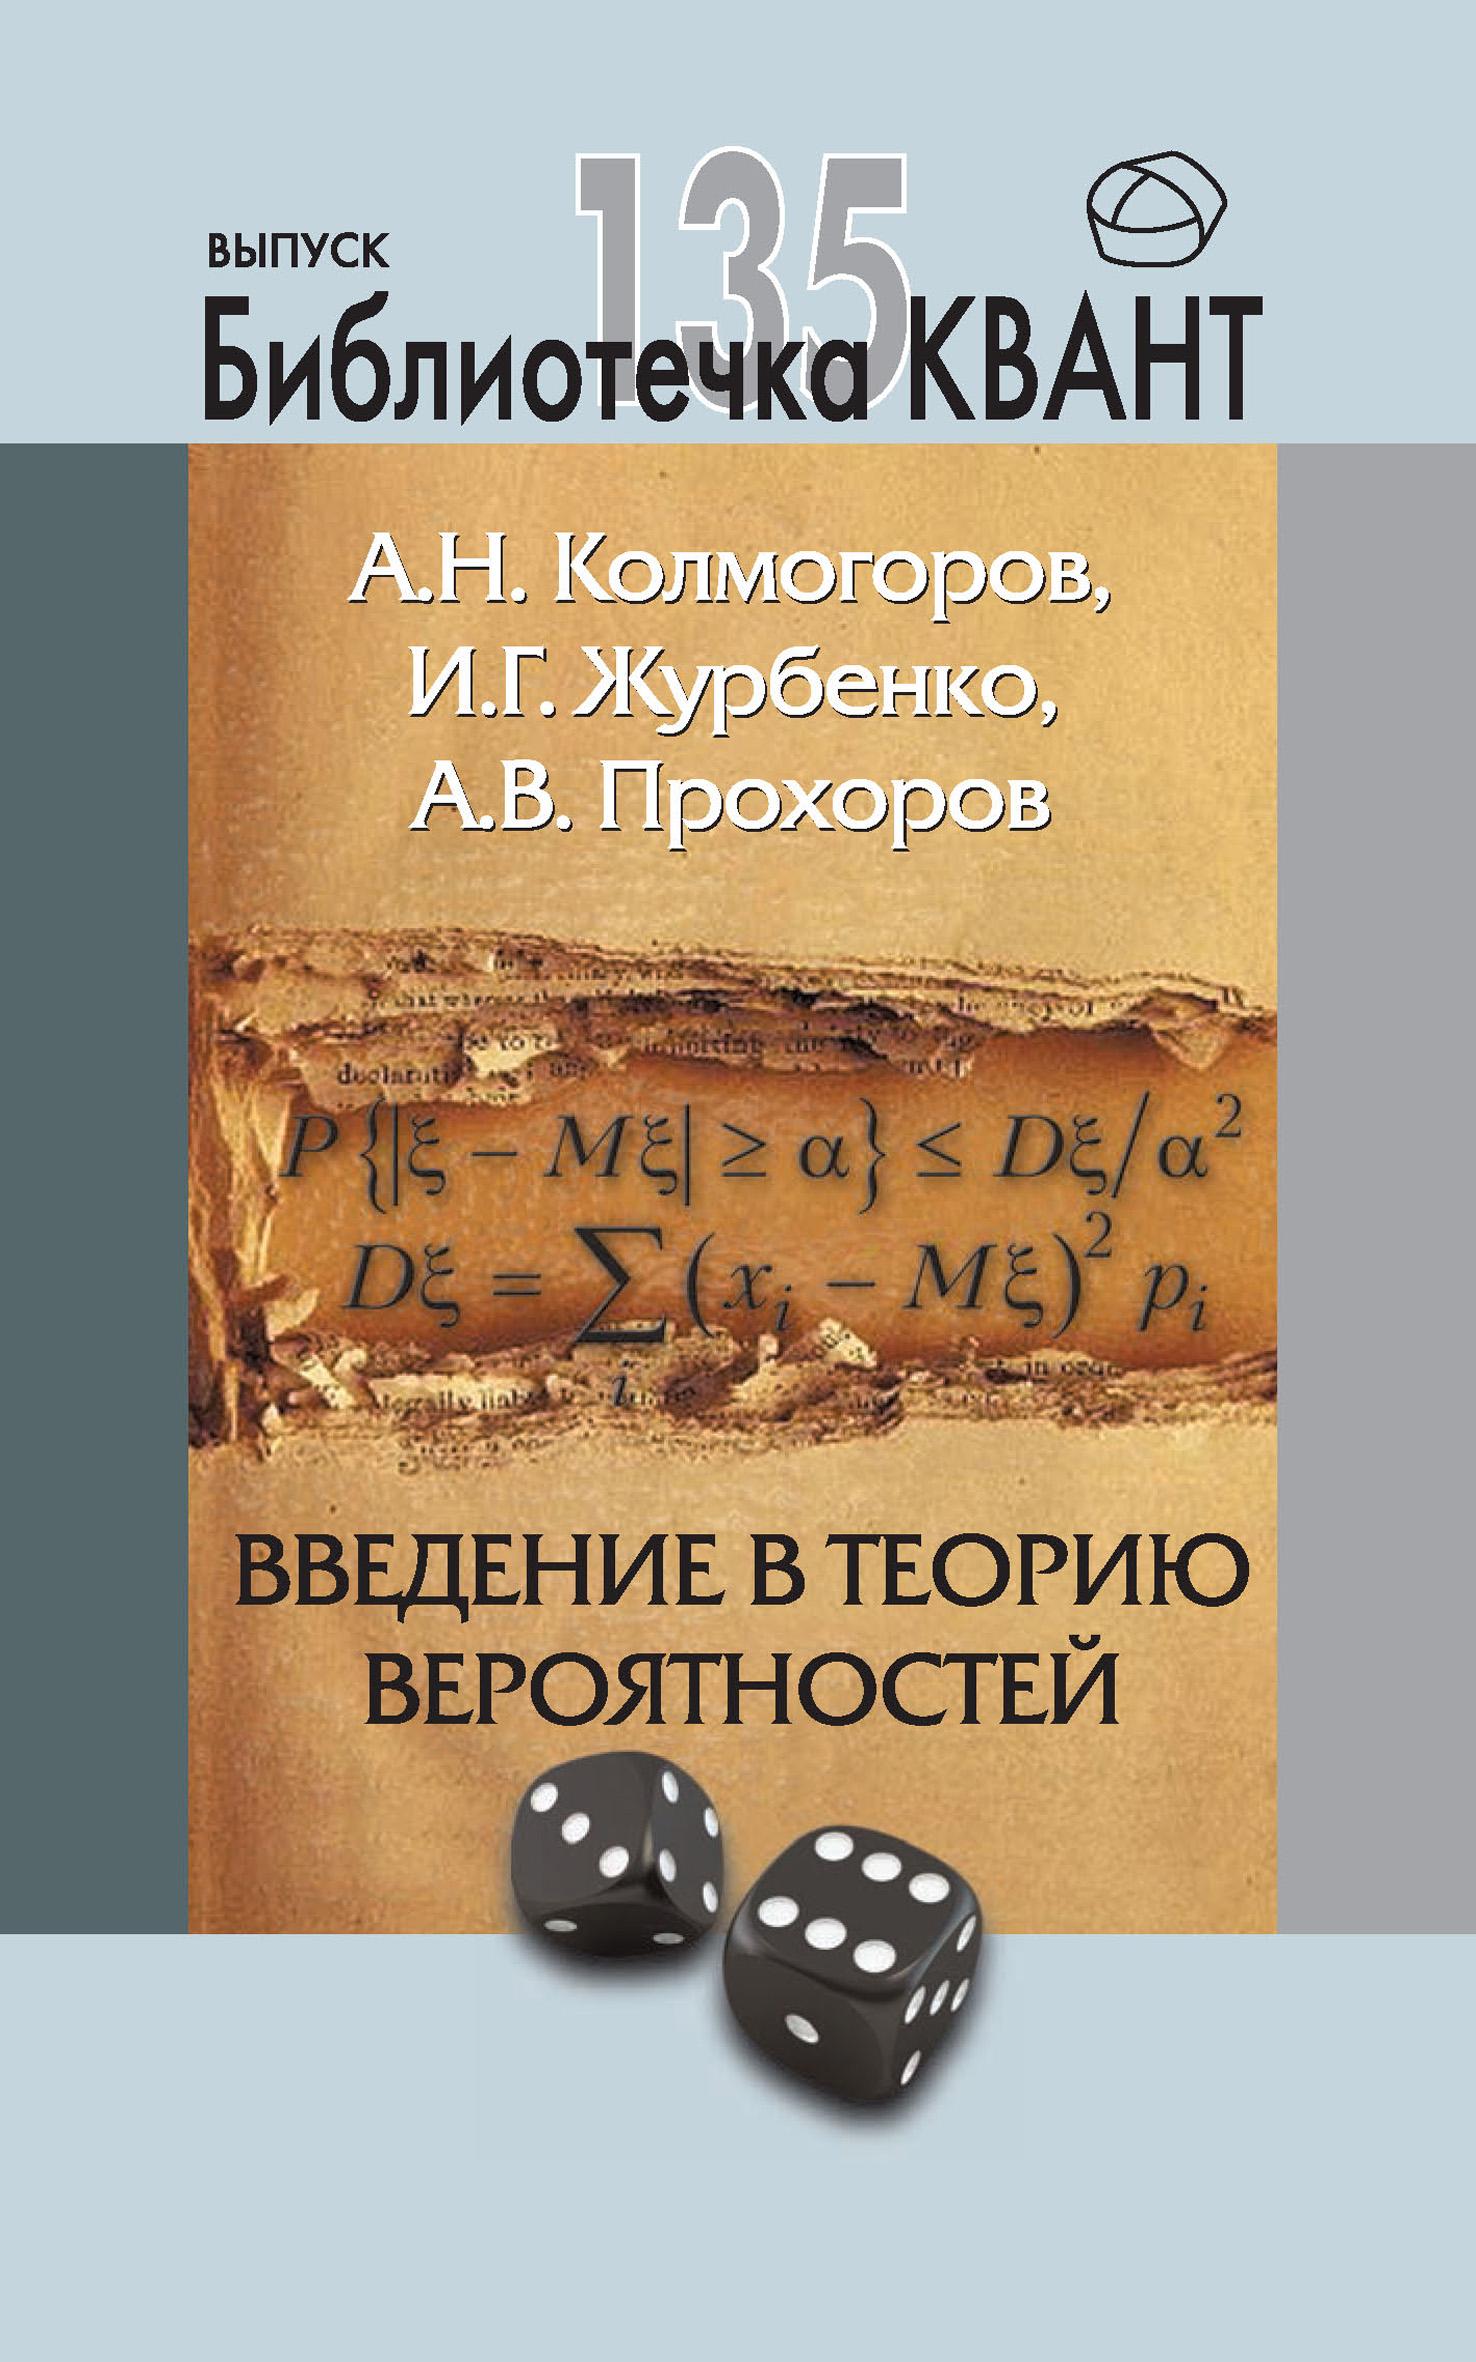 А. Н. Колмогоров Введение в теорию вероятностей. Приложение к журналу «Квант» №4/2015 в феллер введение в теорию вероятностей и ее приложения